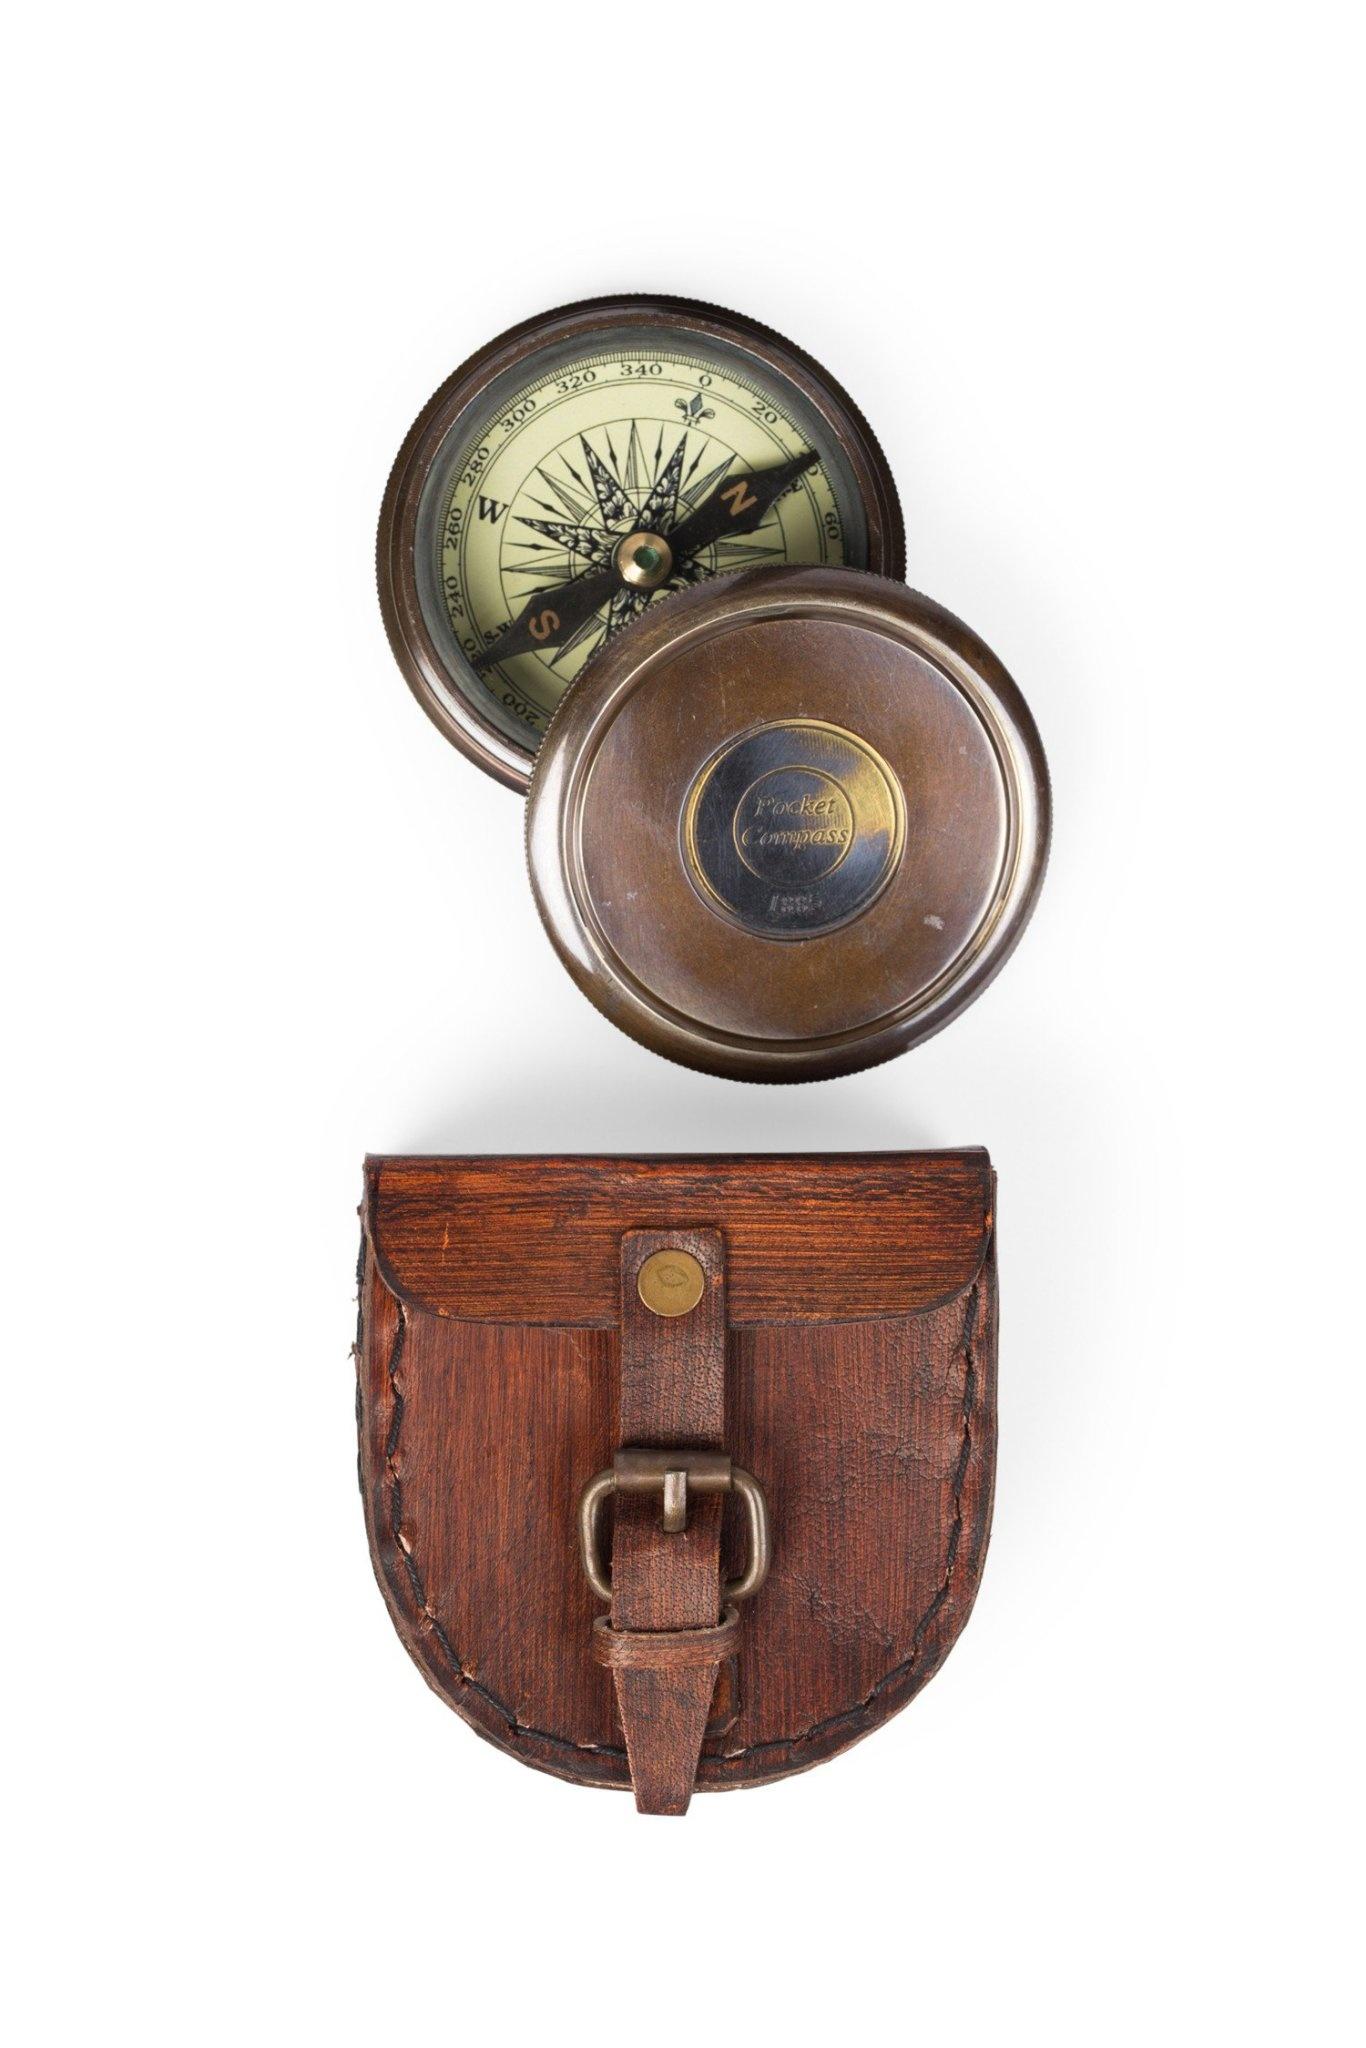 Wanderer's Compass